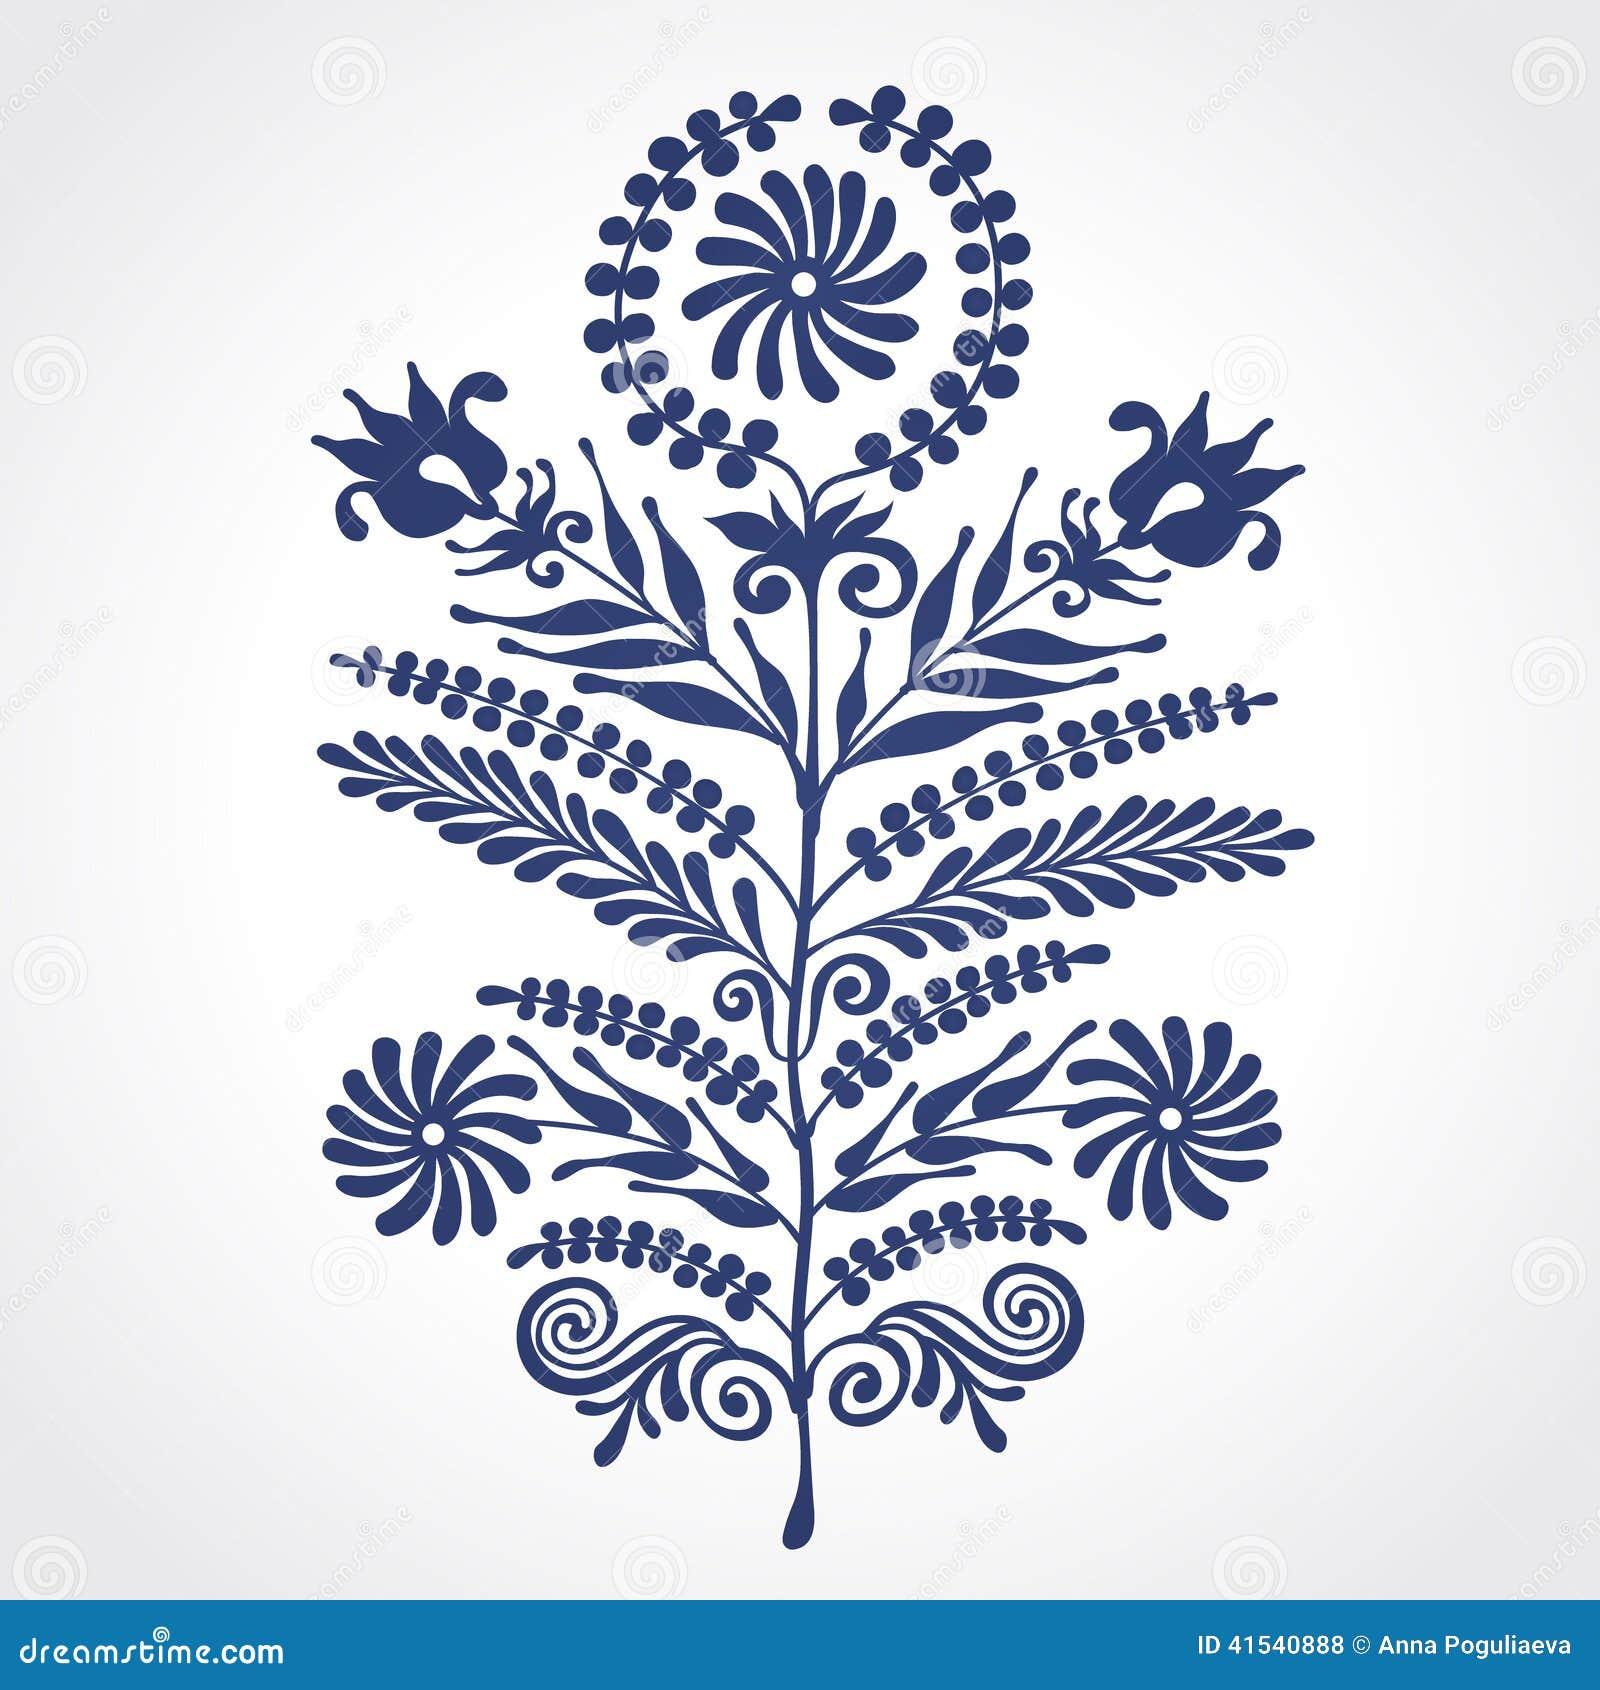 vintage ornate element with floral motifs stock vector image 41540888. Black Bedroom Furniture Sets. Home Design Ideas